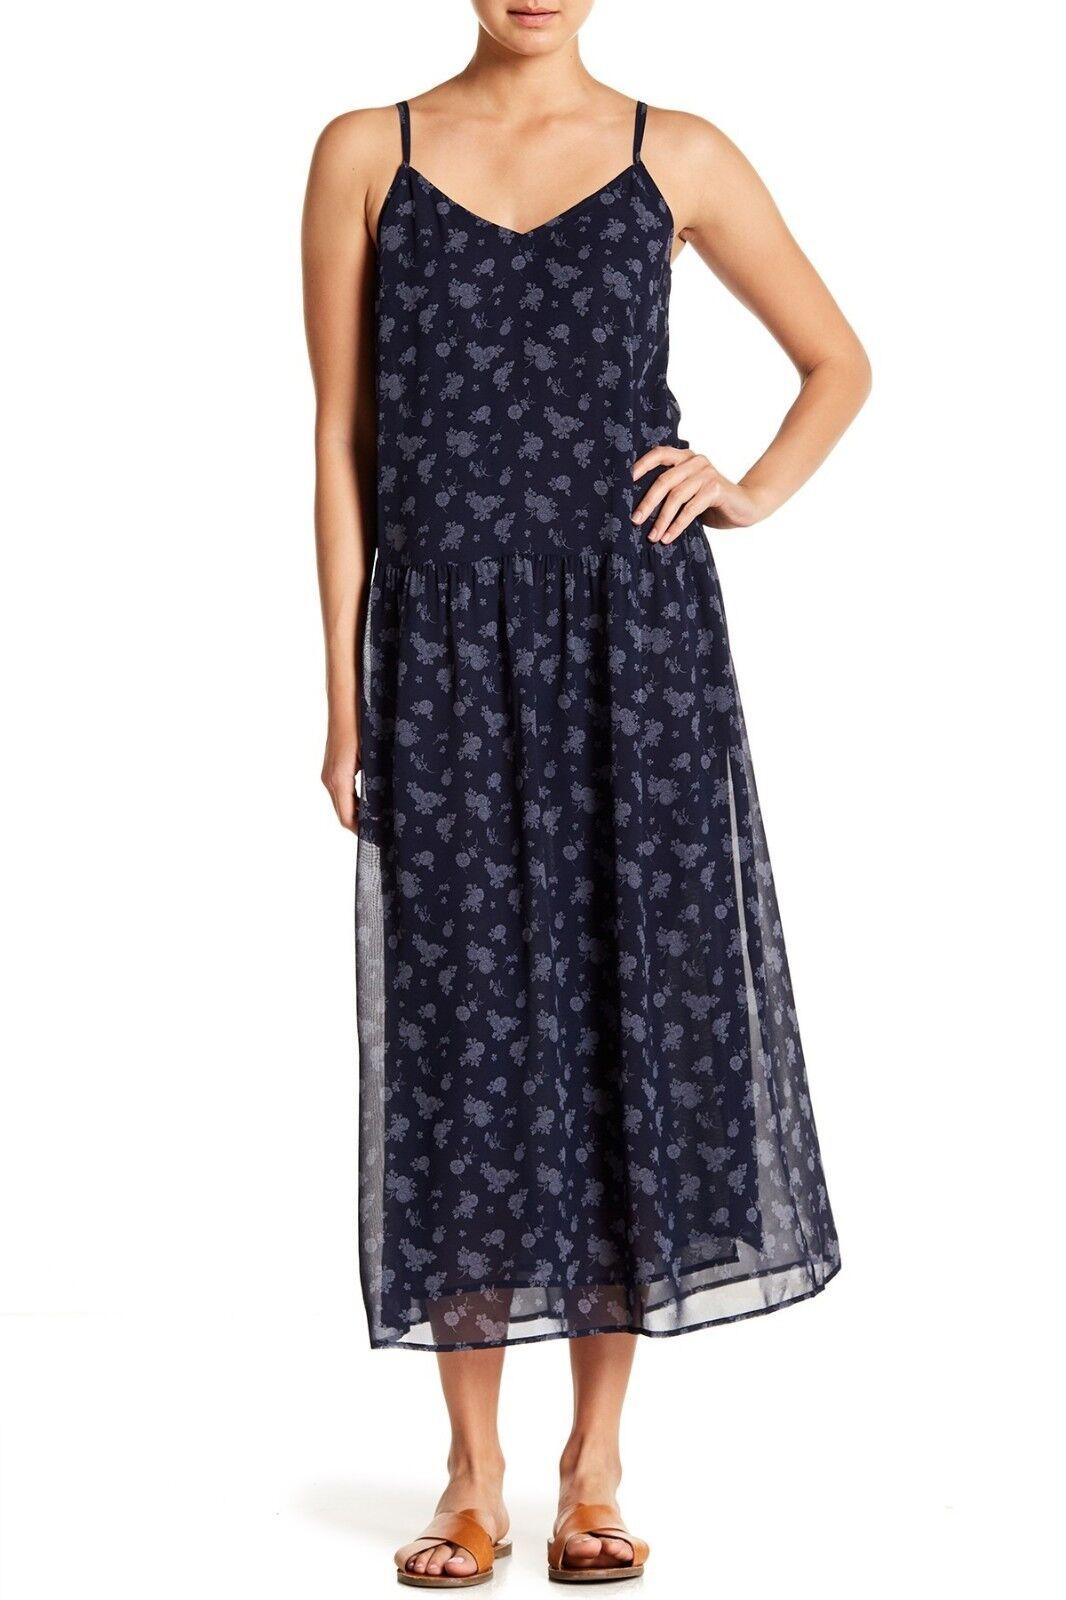 NWT Vince Calico Silk Floral Print Midi Dress Größe  S